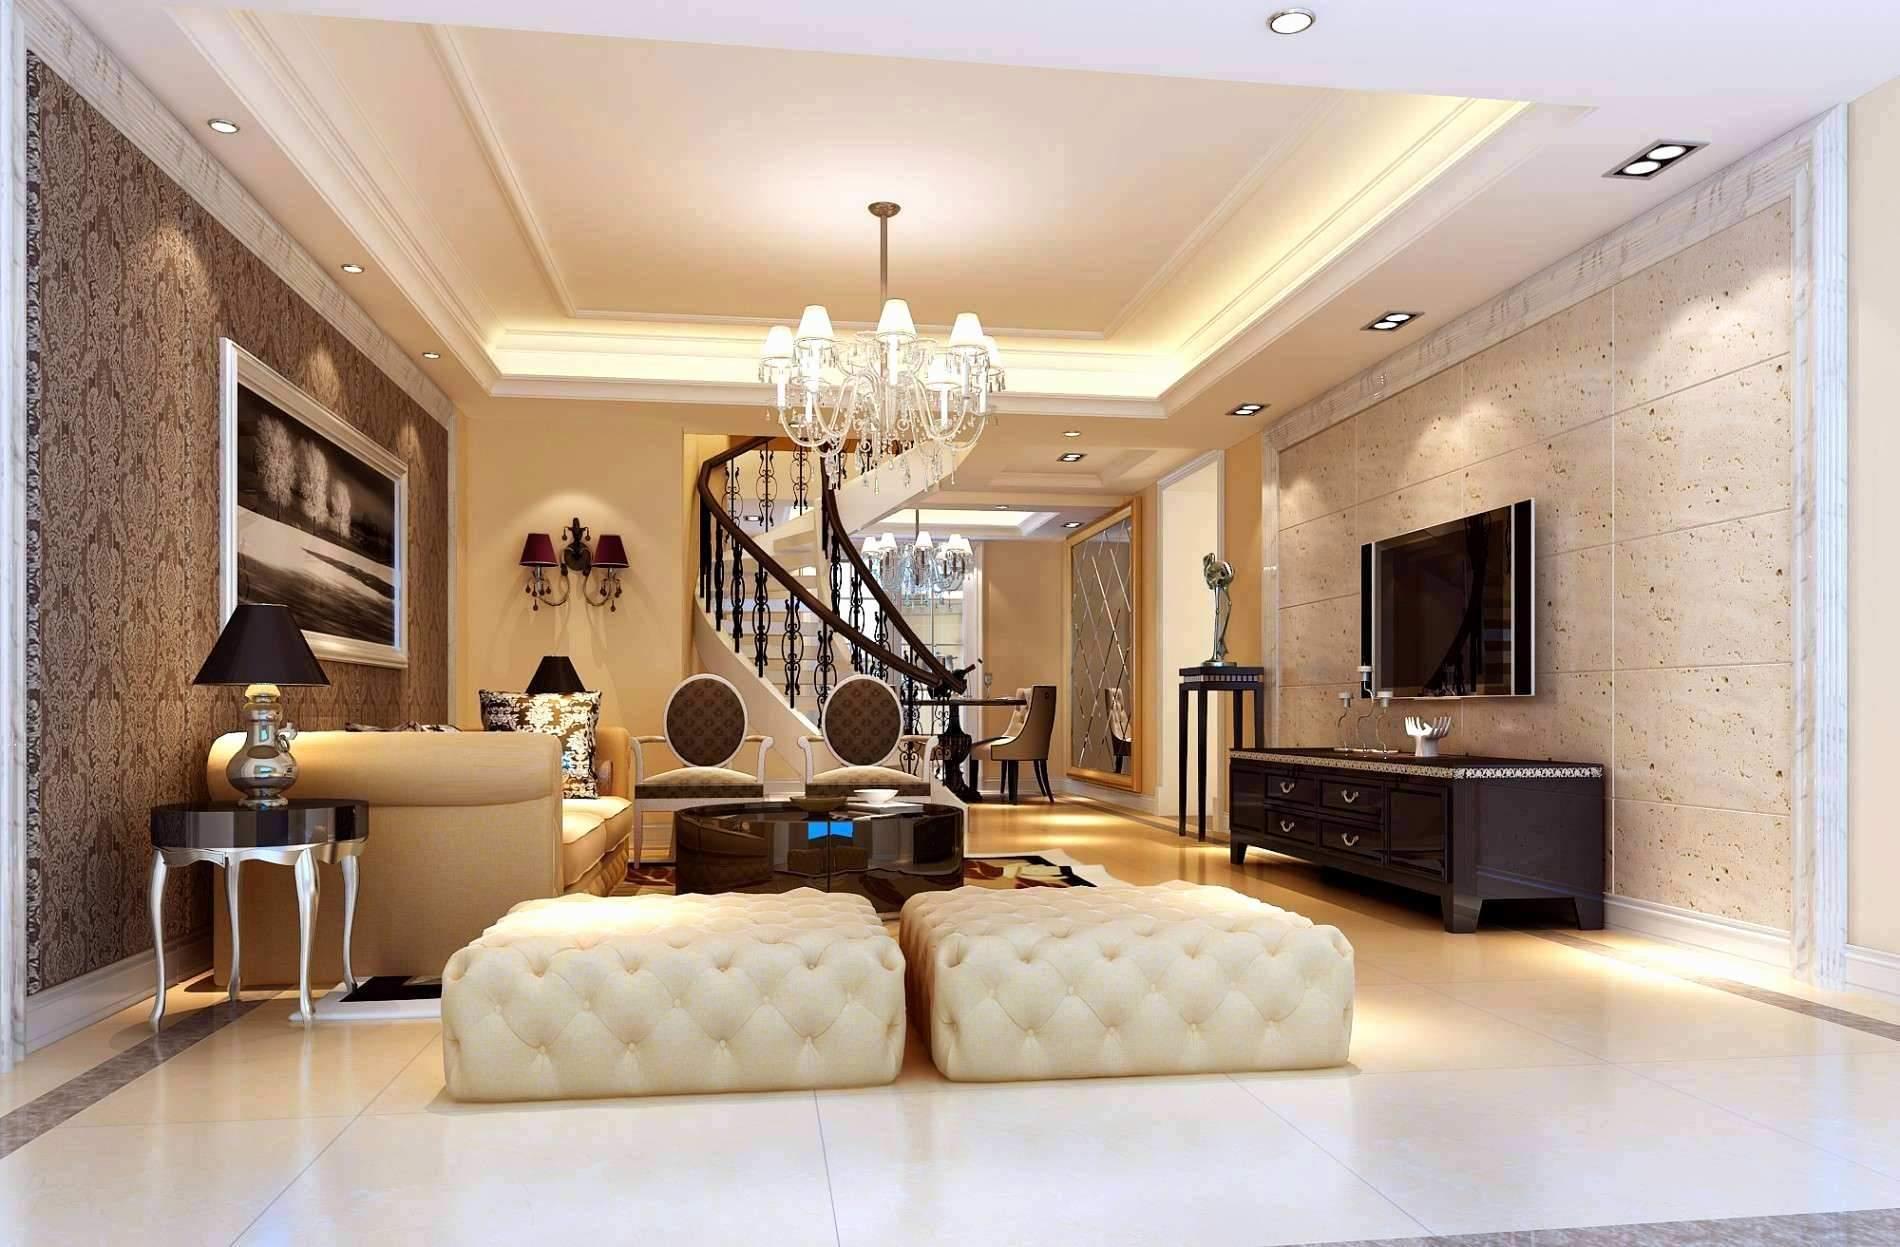 wohnzimmer gestalten tipps schon 45 oben von von wohnzimmer einrichten tipps ideen of wohnzimmer gestalten tipps